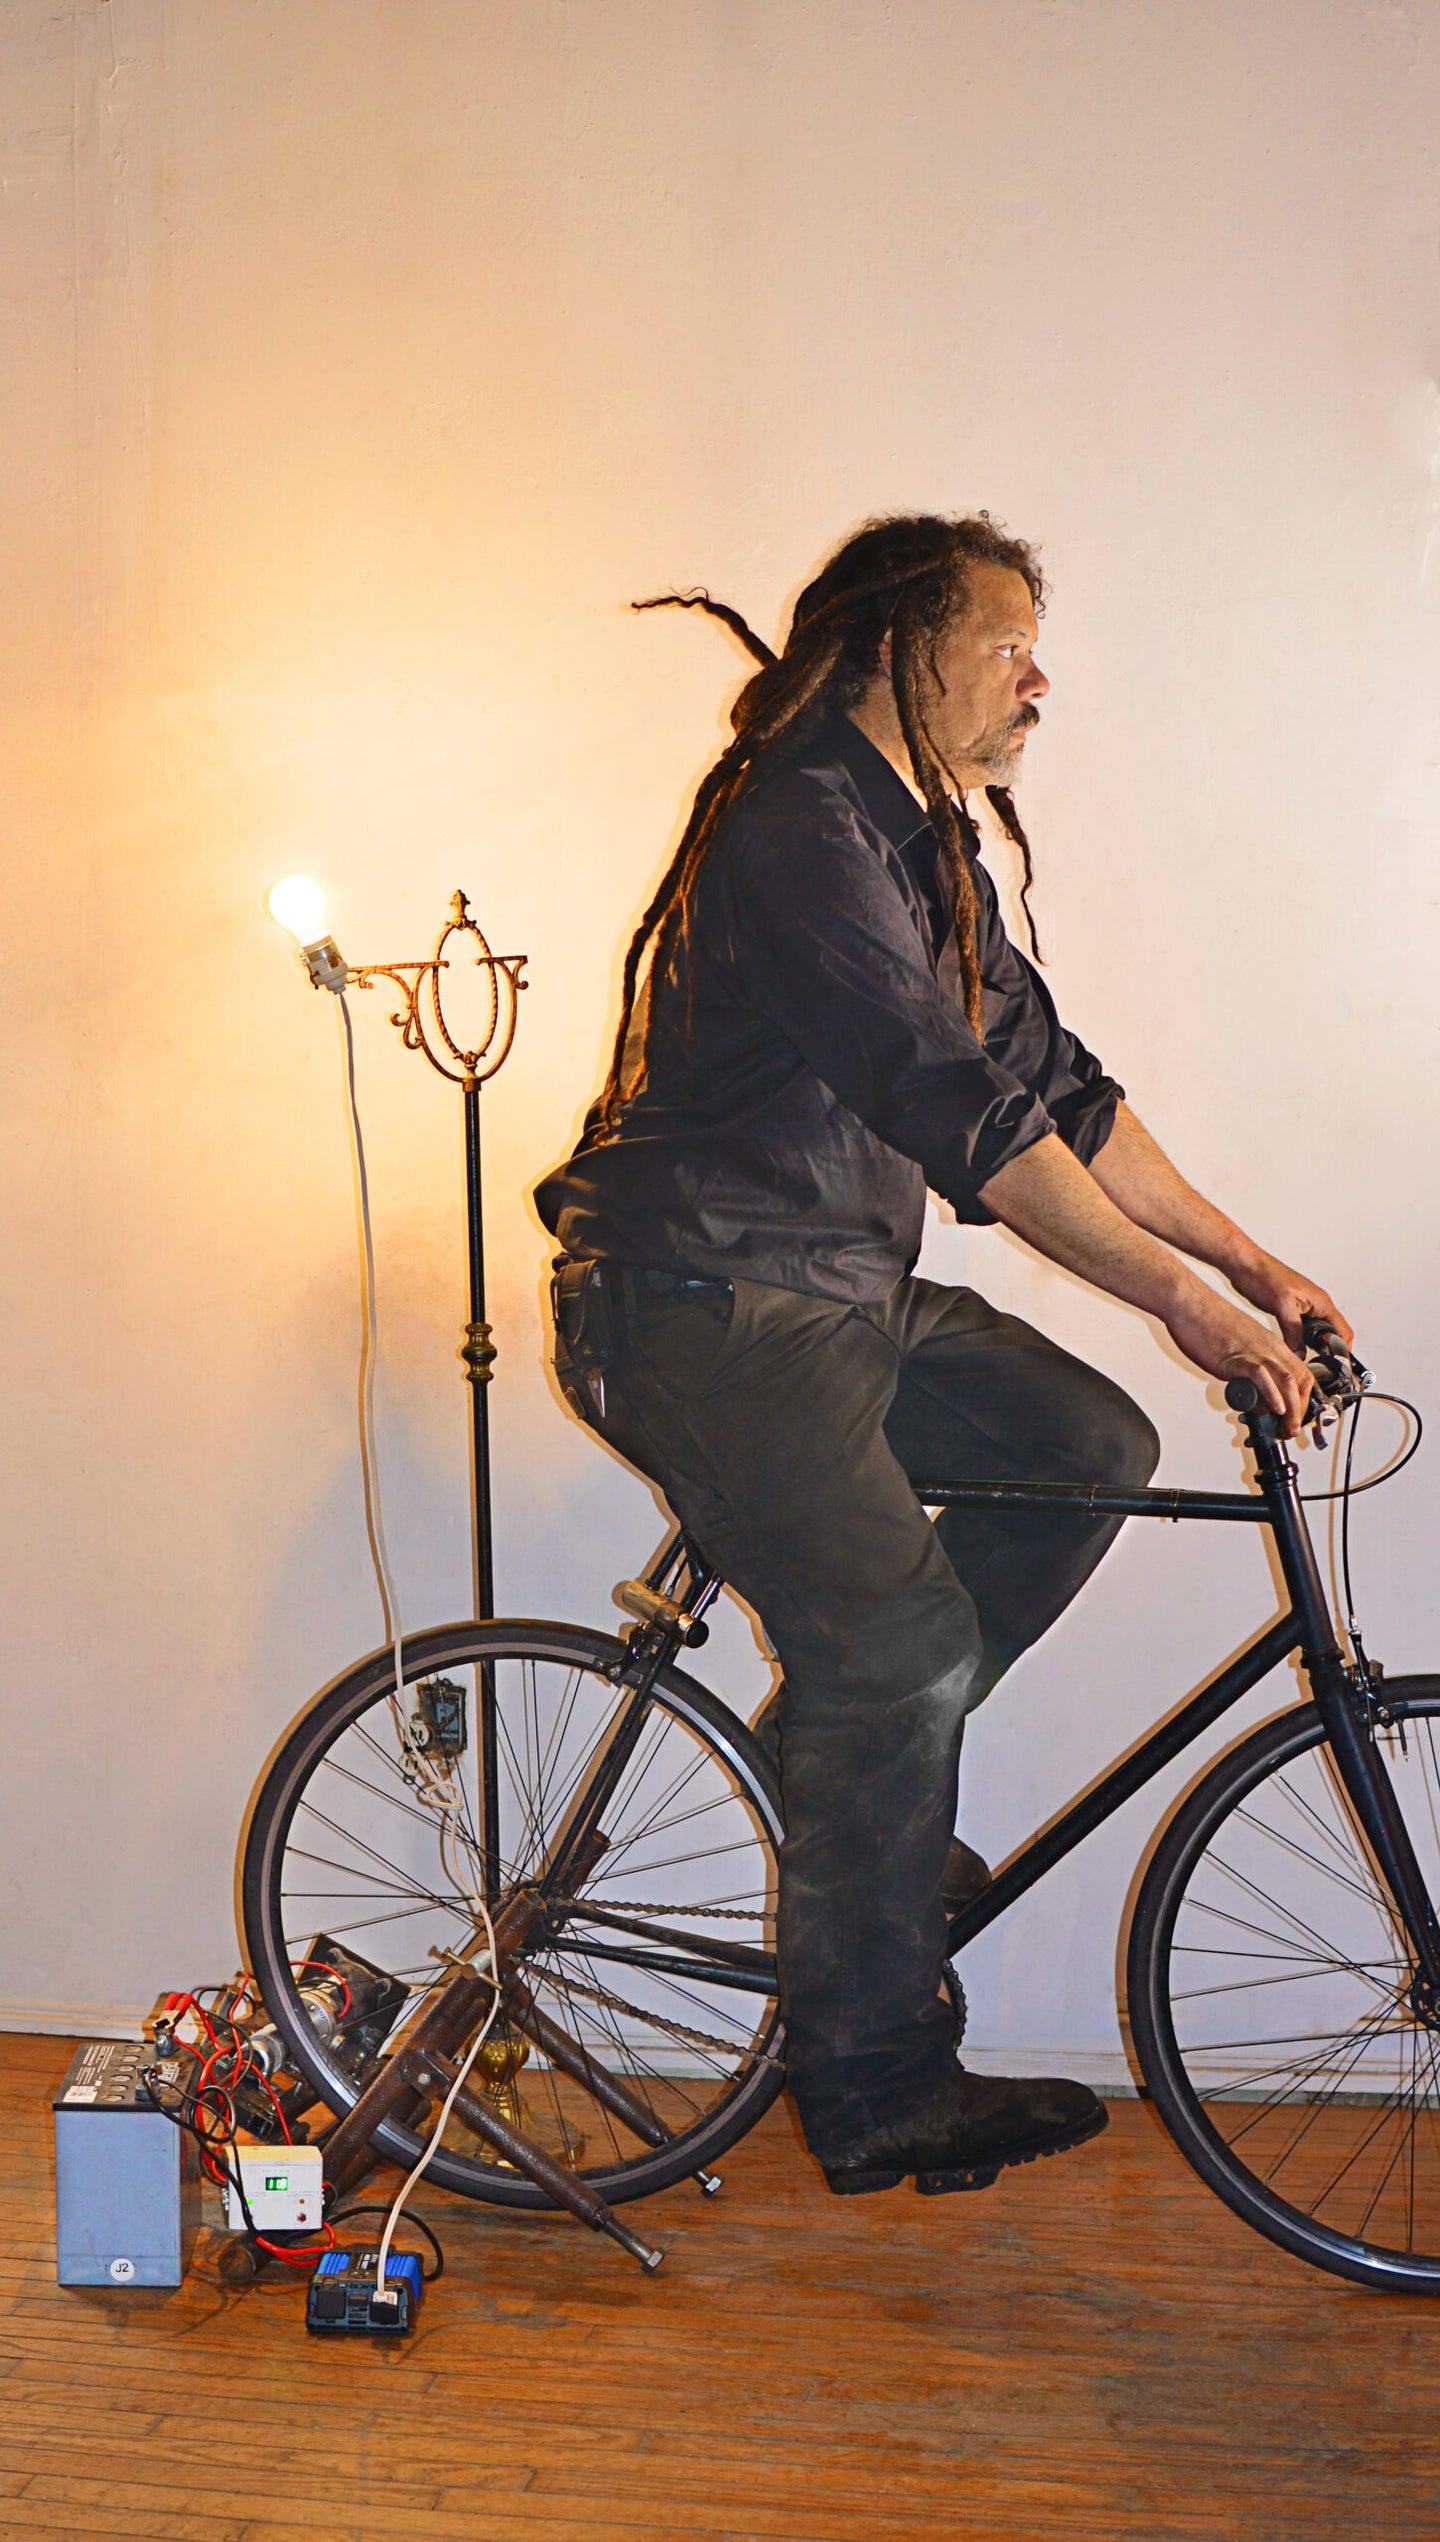 Hackett's Bike Generator